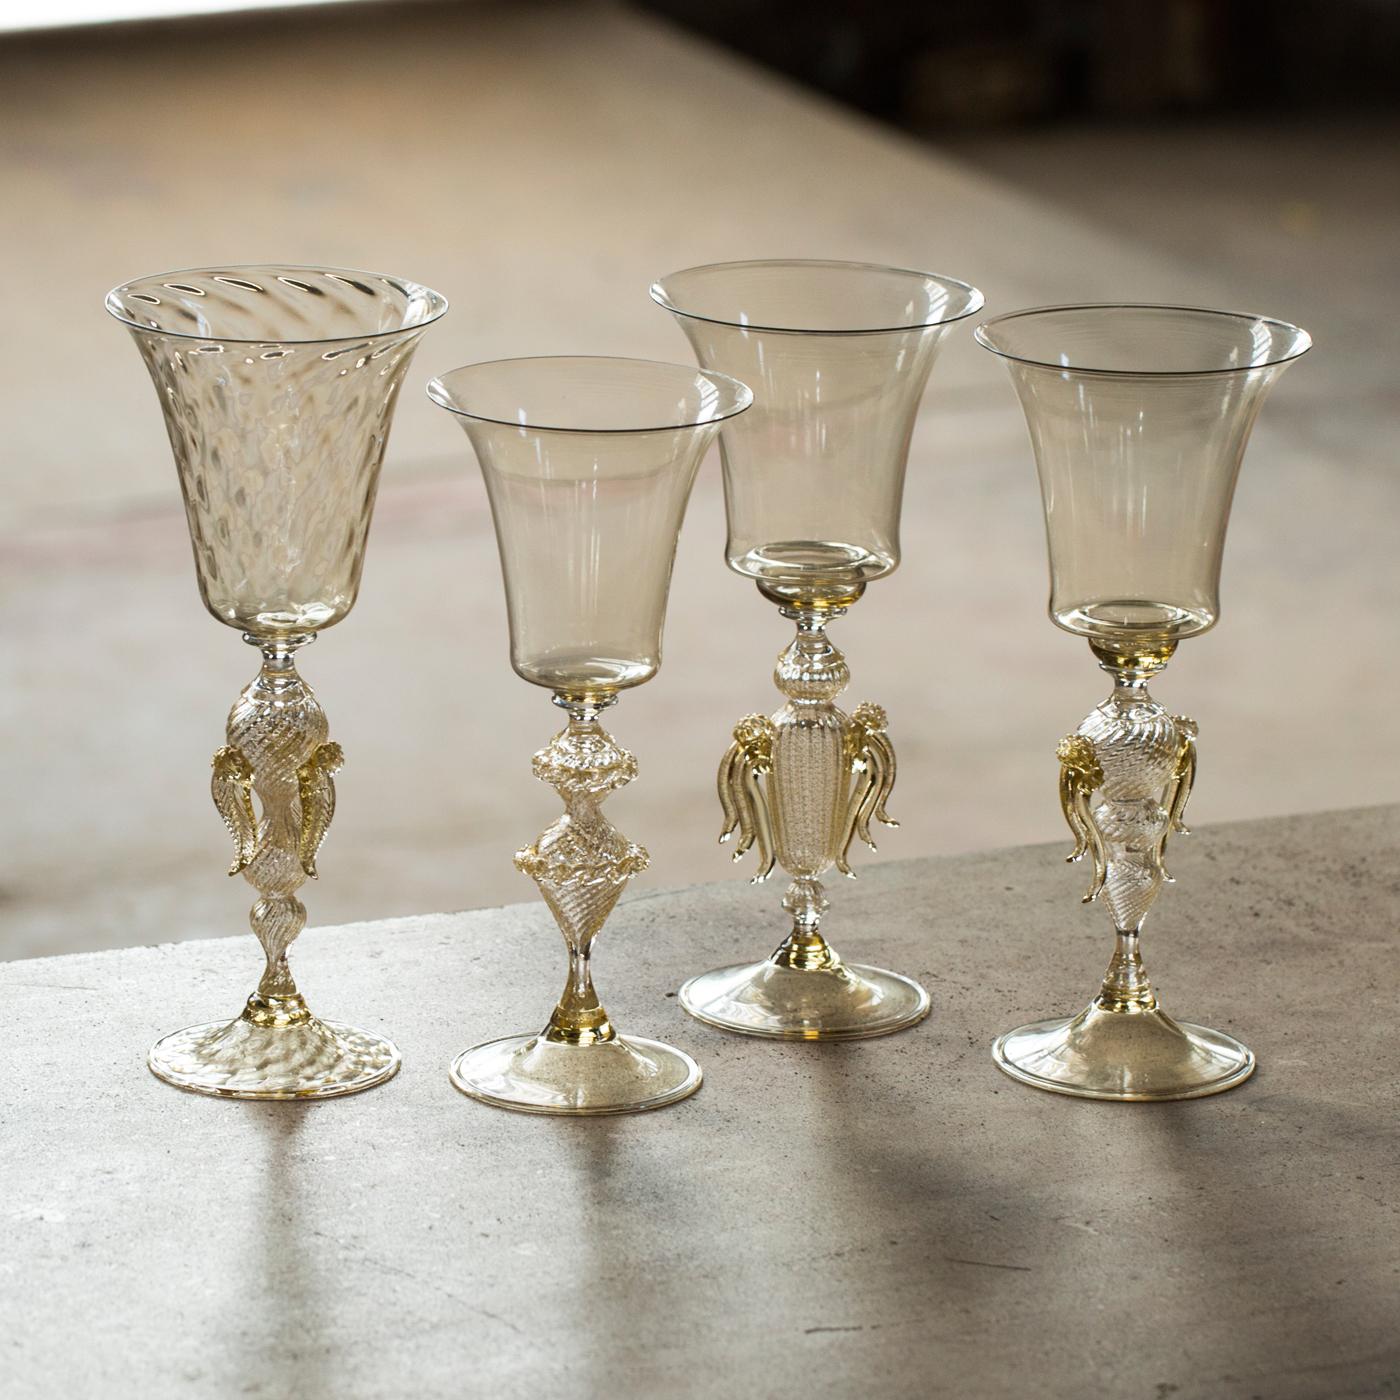 Set of 4 Pro Champagne N*2 Murano Wine Glasses by Fabiano Amadi, $580, Murano Glass